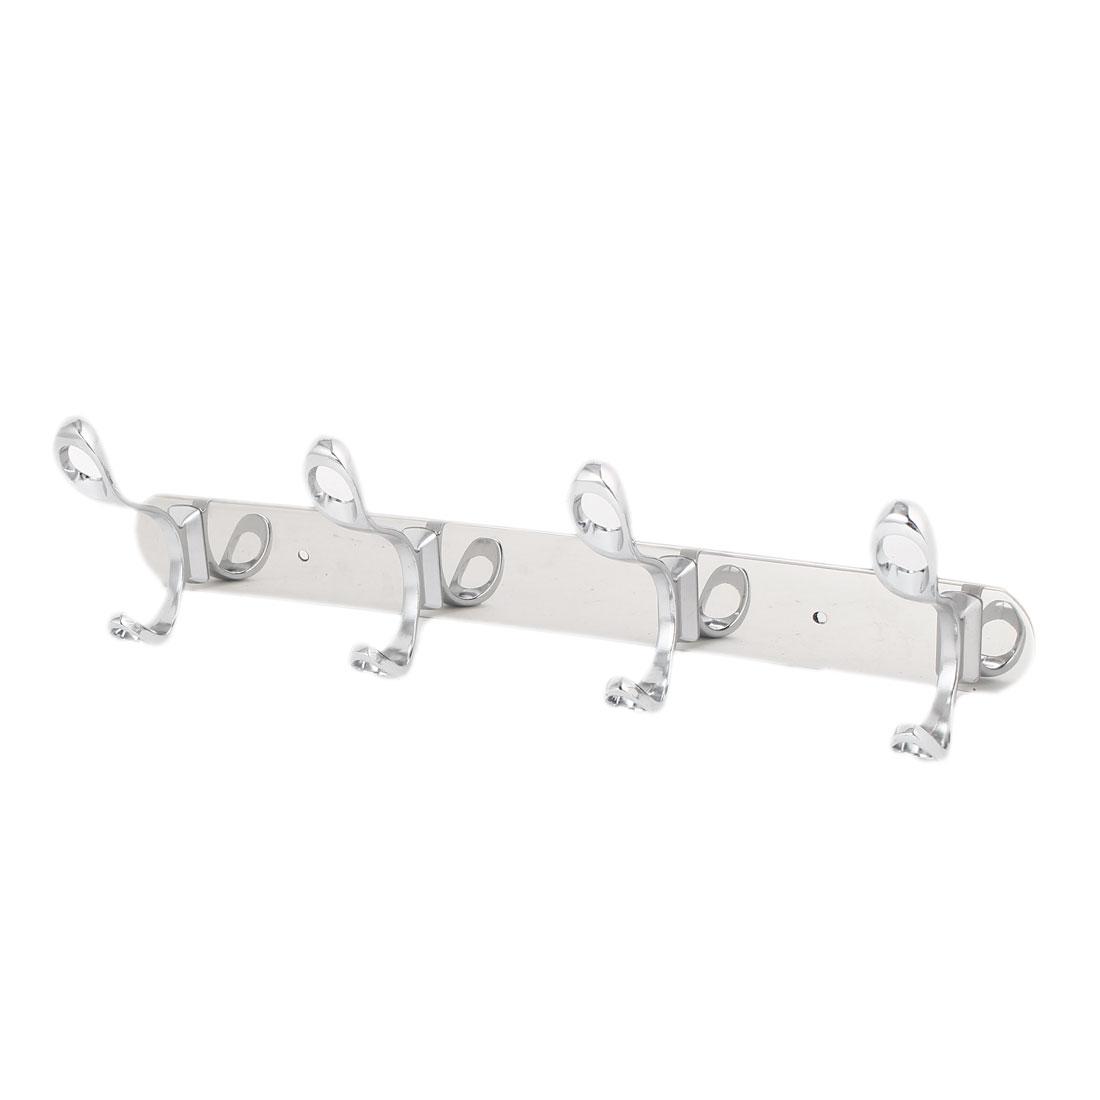 Coat Clothes Metal Rail Bar 4 Double Hook Wall Hanger Sliver Tone 355 x 40 x 2mm